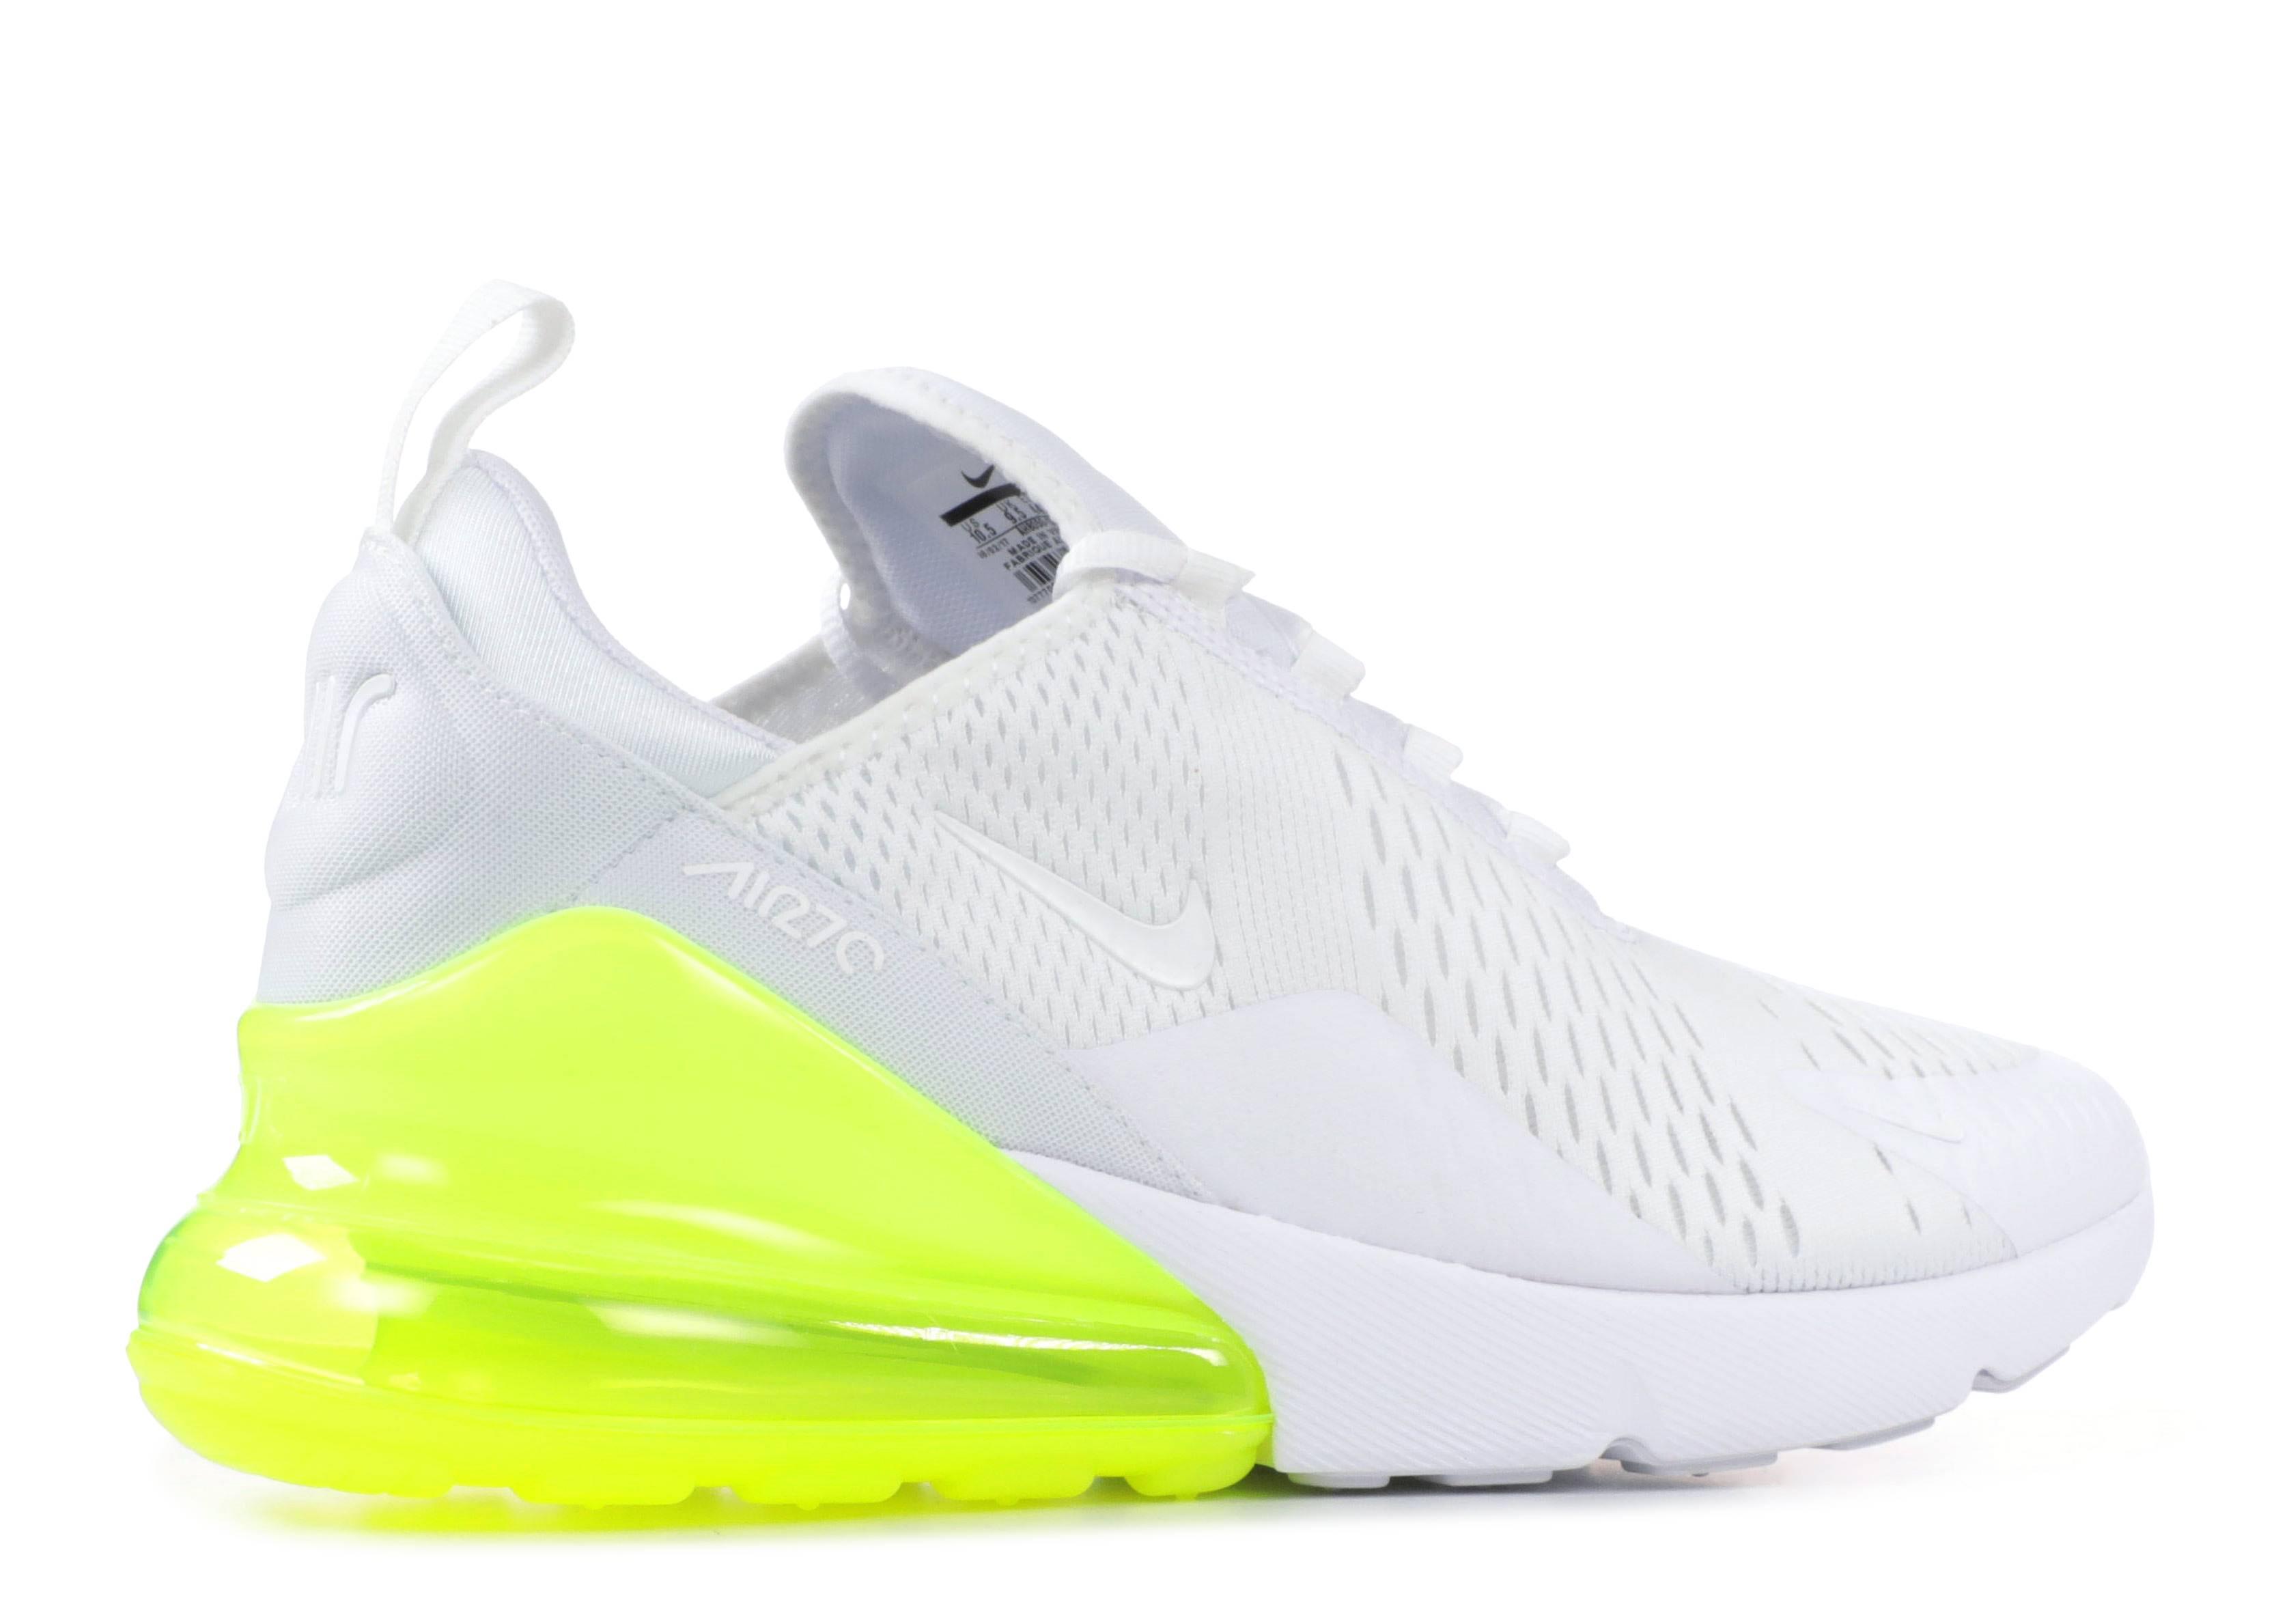 free shipping a109b 58c5c Air Max 270 - Nike - ah8050 104 - white white volt   Flight Club